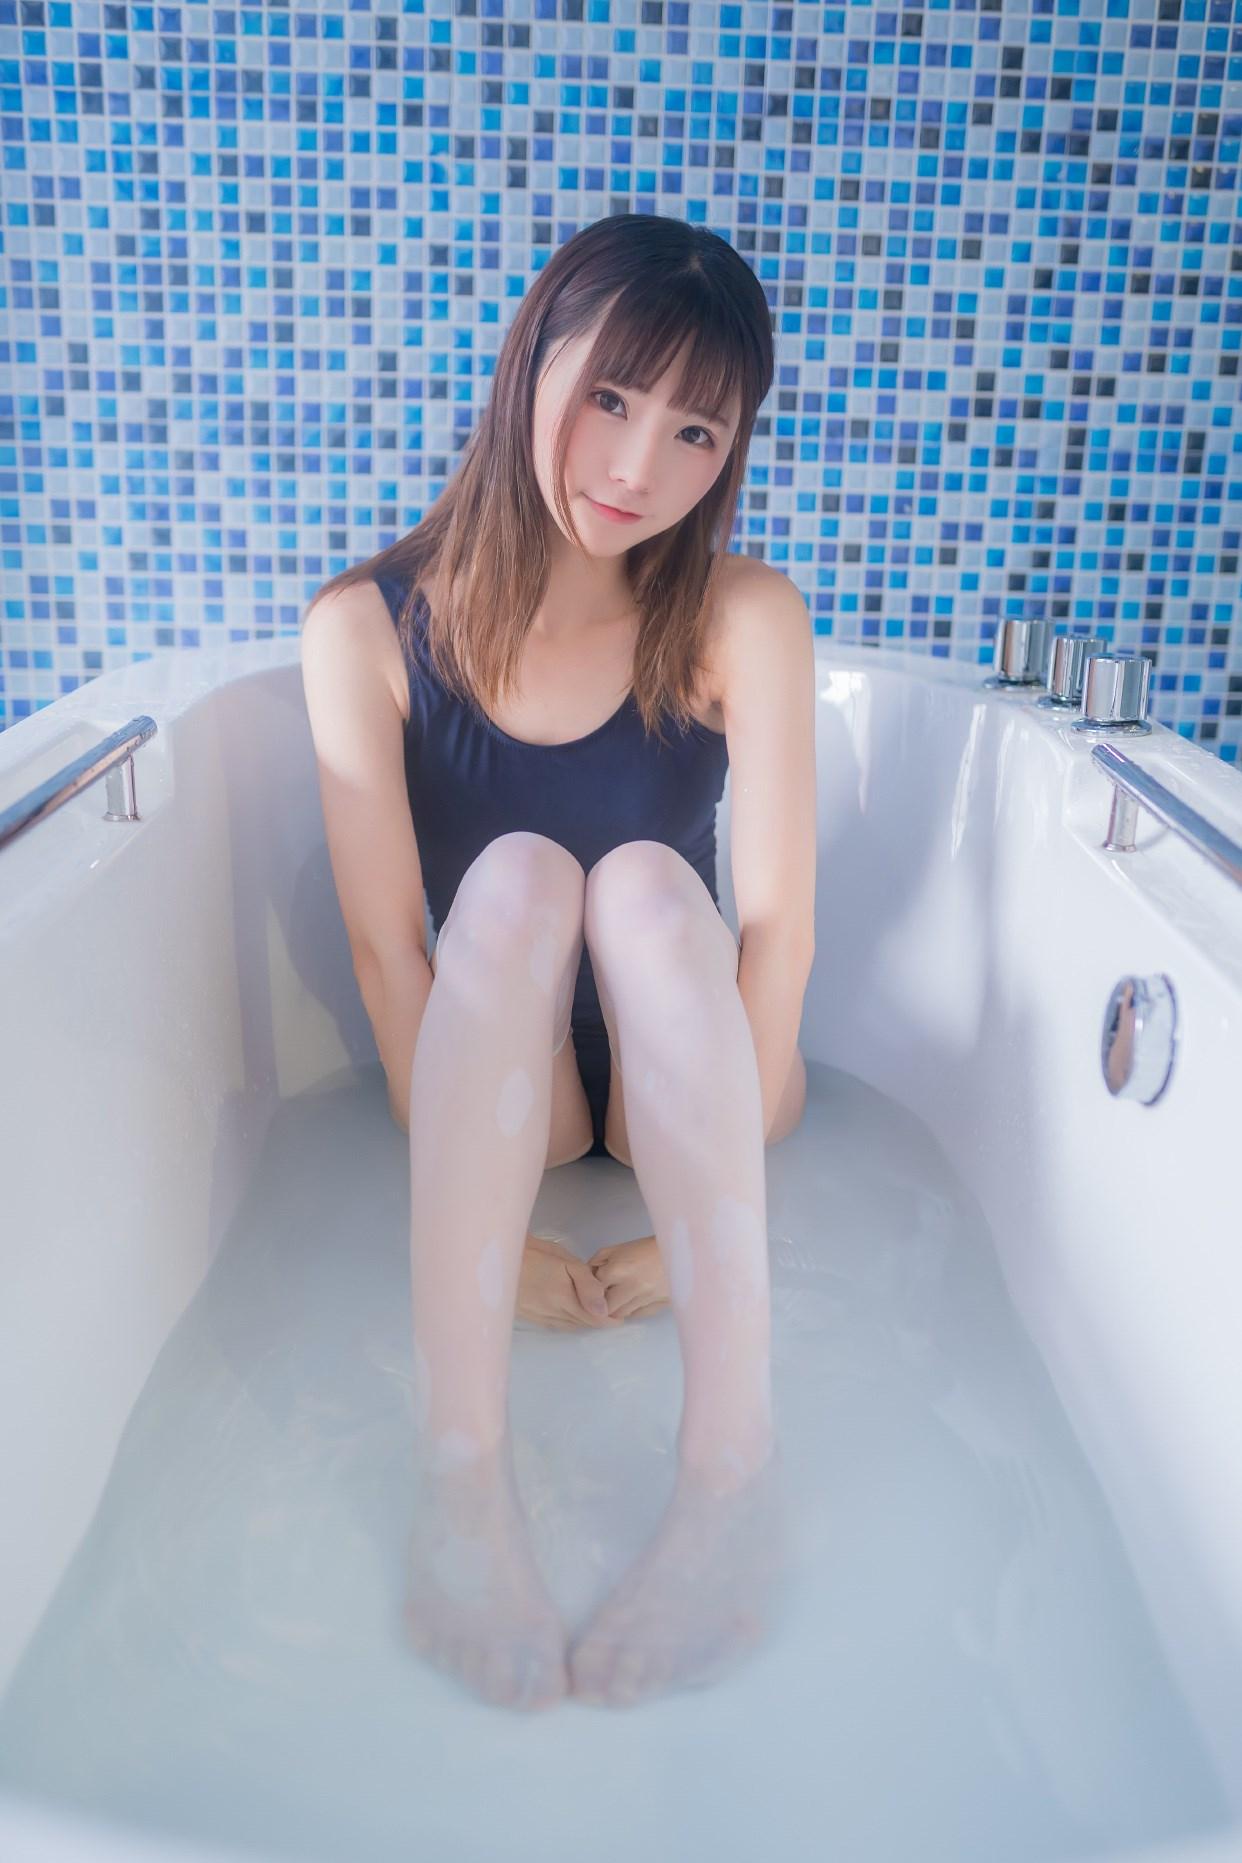 【兔玩映画】vol.18-浴室里 兔玩映画 第35张